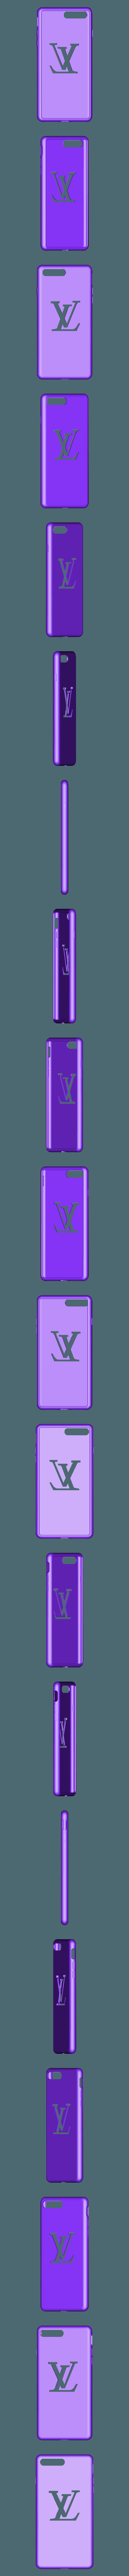 CoverLV.stl Télécharger fichier STL gratuit Housse iPhone 7/8 Plus avec logo LV sottration • Design pour imprimante 3D, MiGiranoForte